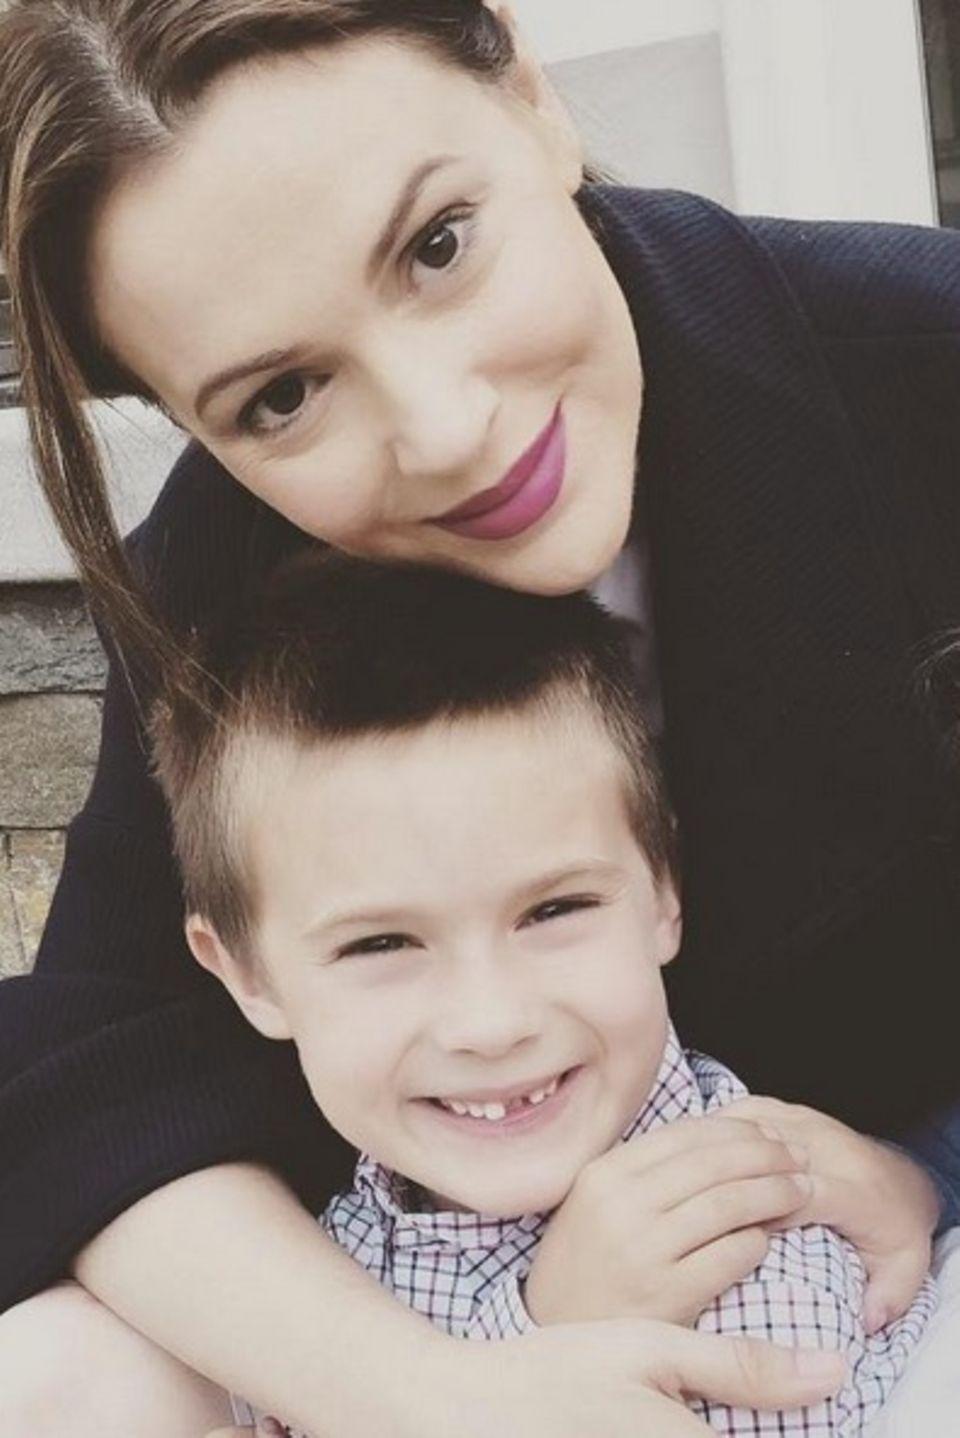 15. Juni 2018  Auf Instagram teilt Alyssa Milano dieses hübsche Bild von sich und ihren Kindern Milo und Elizabella. Und da ein Bild bekanntlich mehr sagt als tausend Worte, verzichtet die Schauspielerin auch ganz auf eine Bildunterschrift.